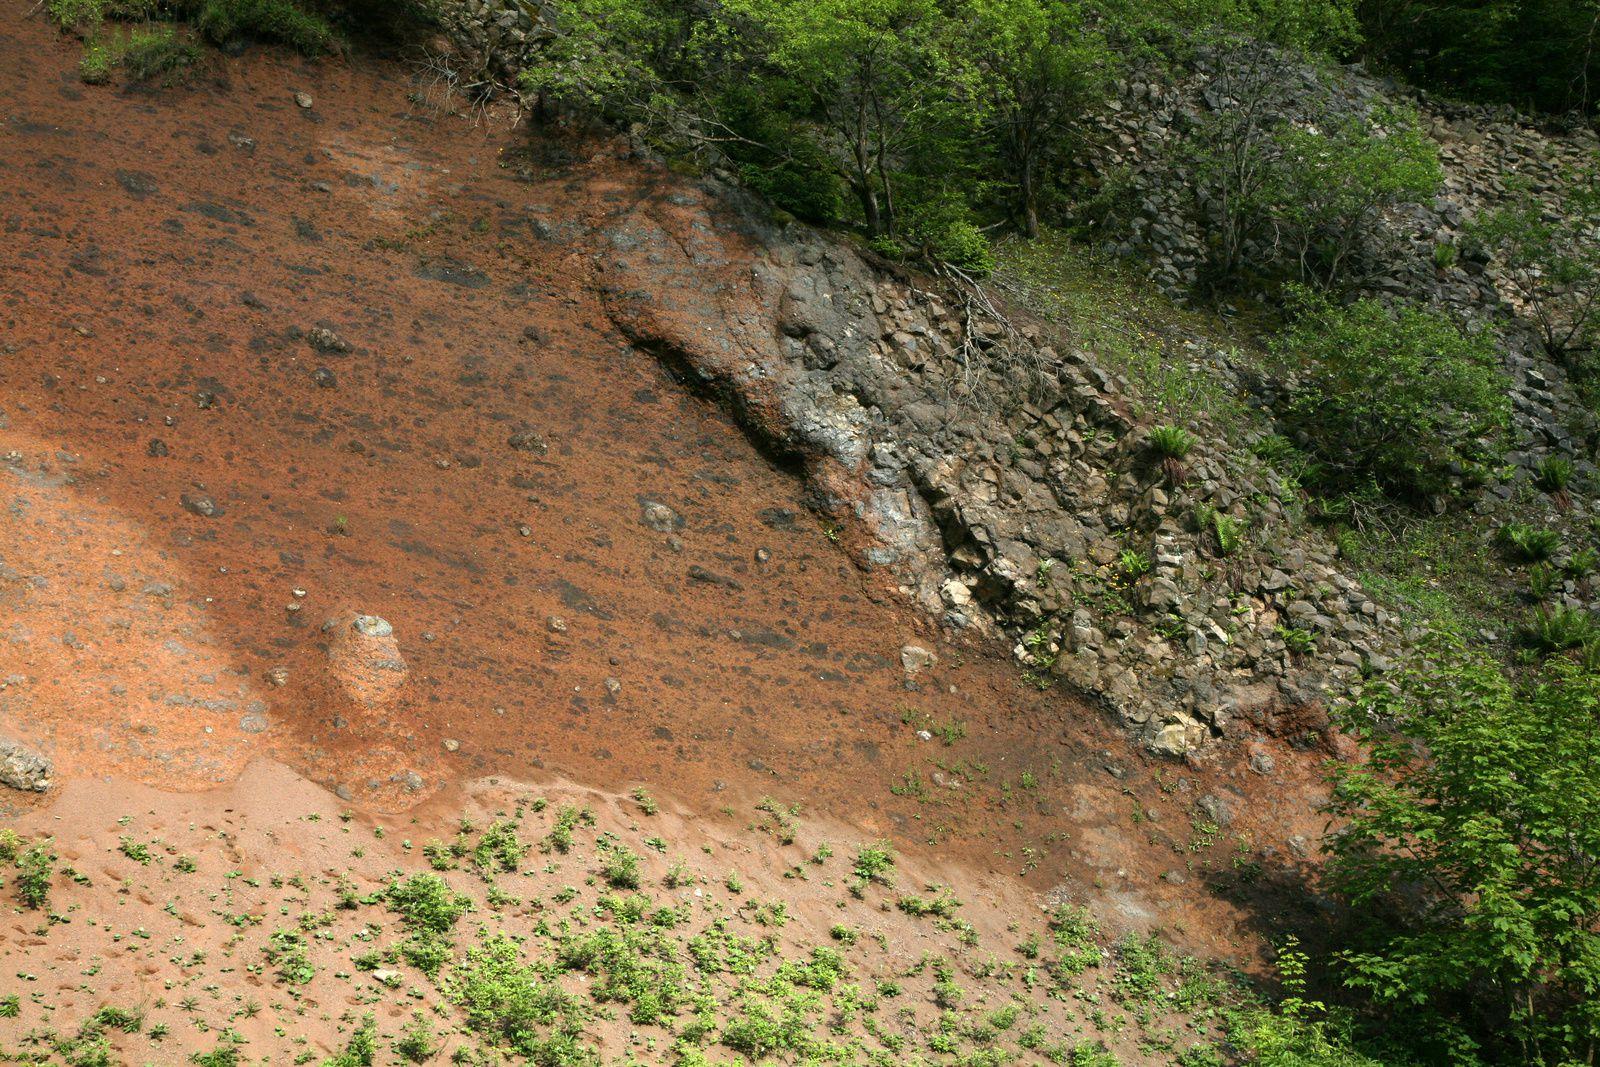 Le cratère de Gebirgsstein - Détail sur la paroi de tuff (scories et bombes) et les restes du basalte du lac de lave - photo © Bernard Duyck